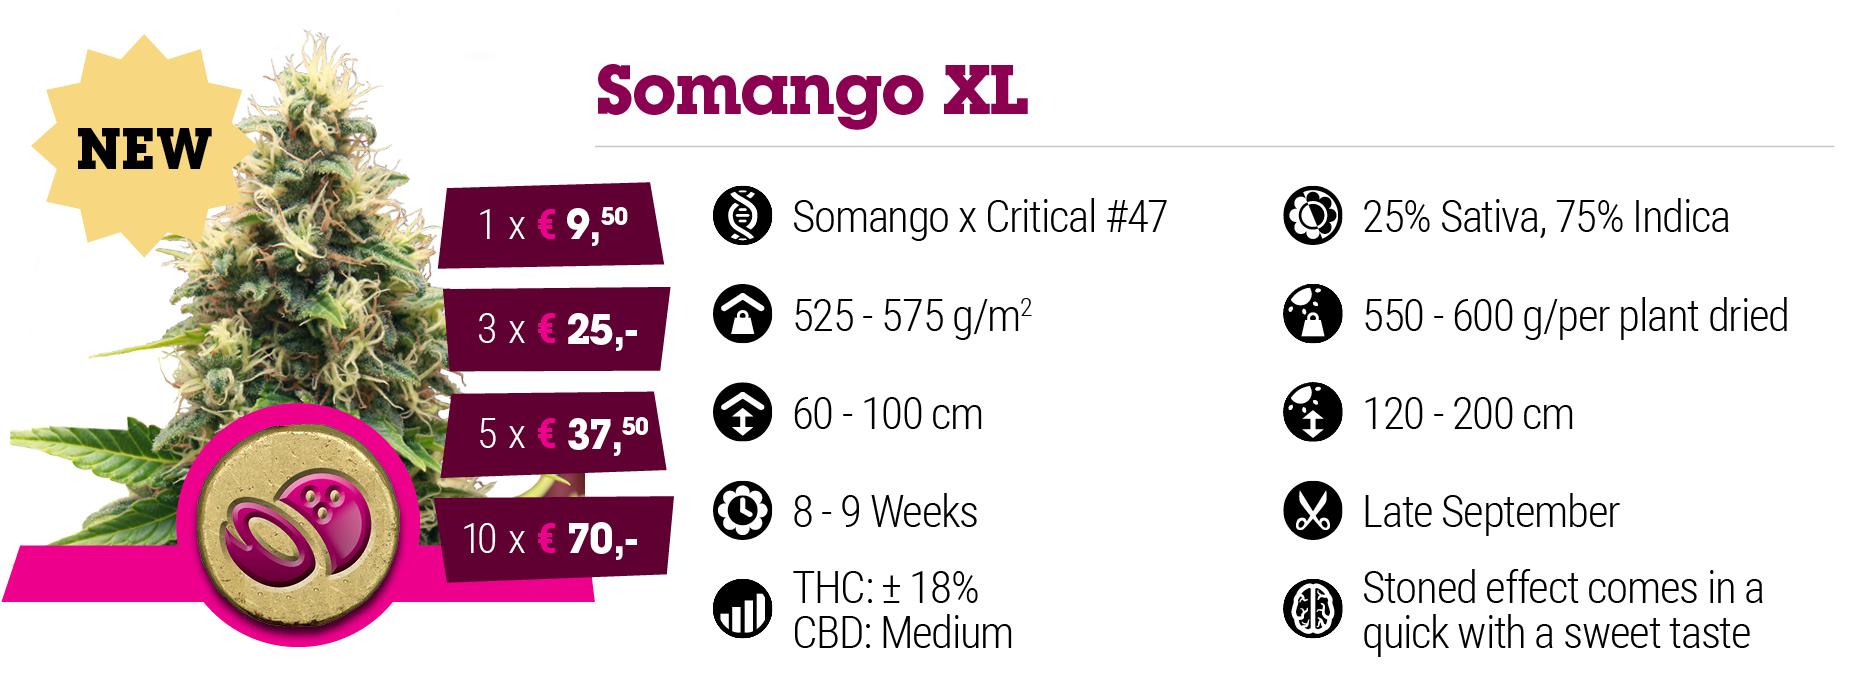 Somango XL